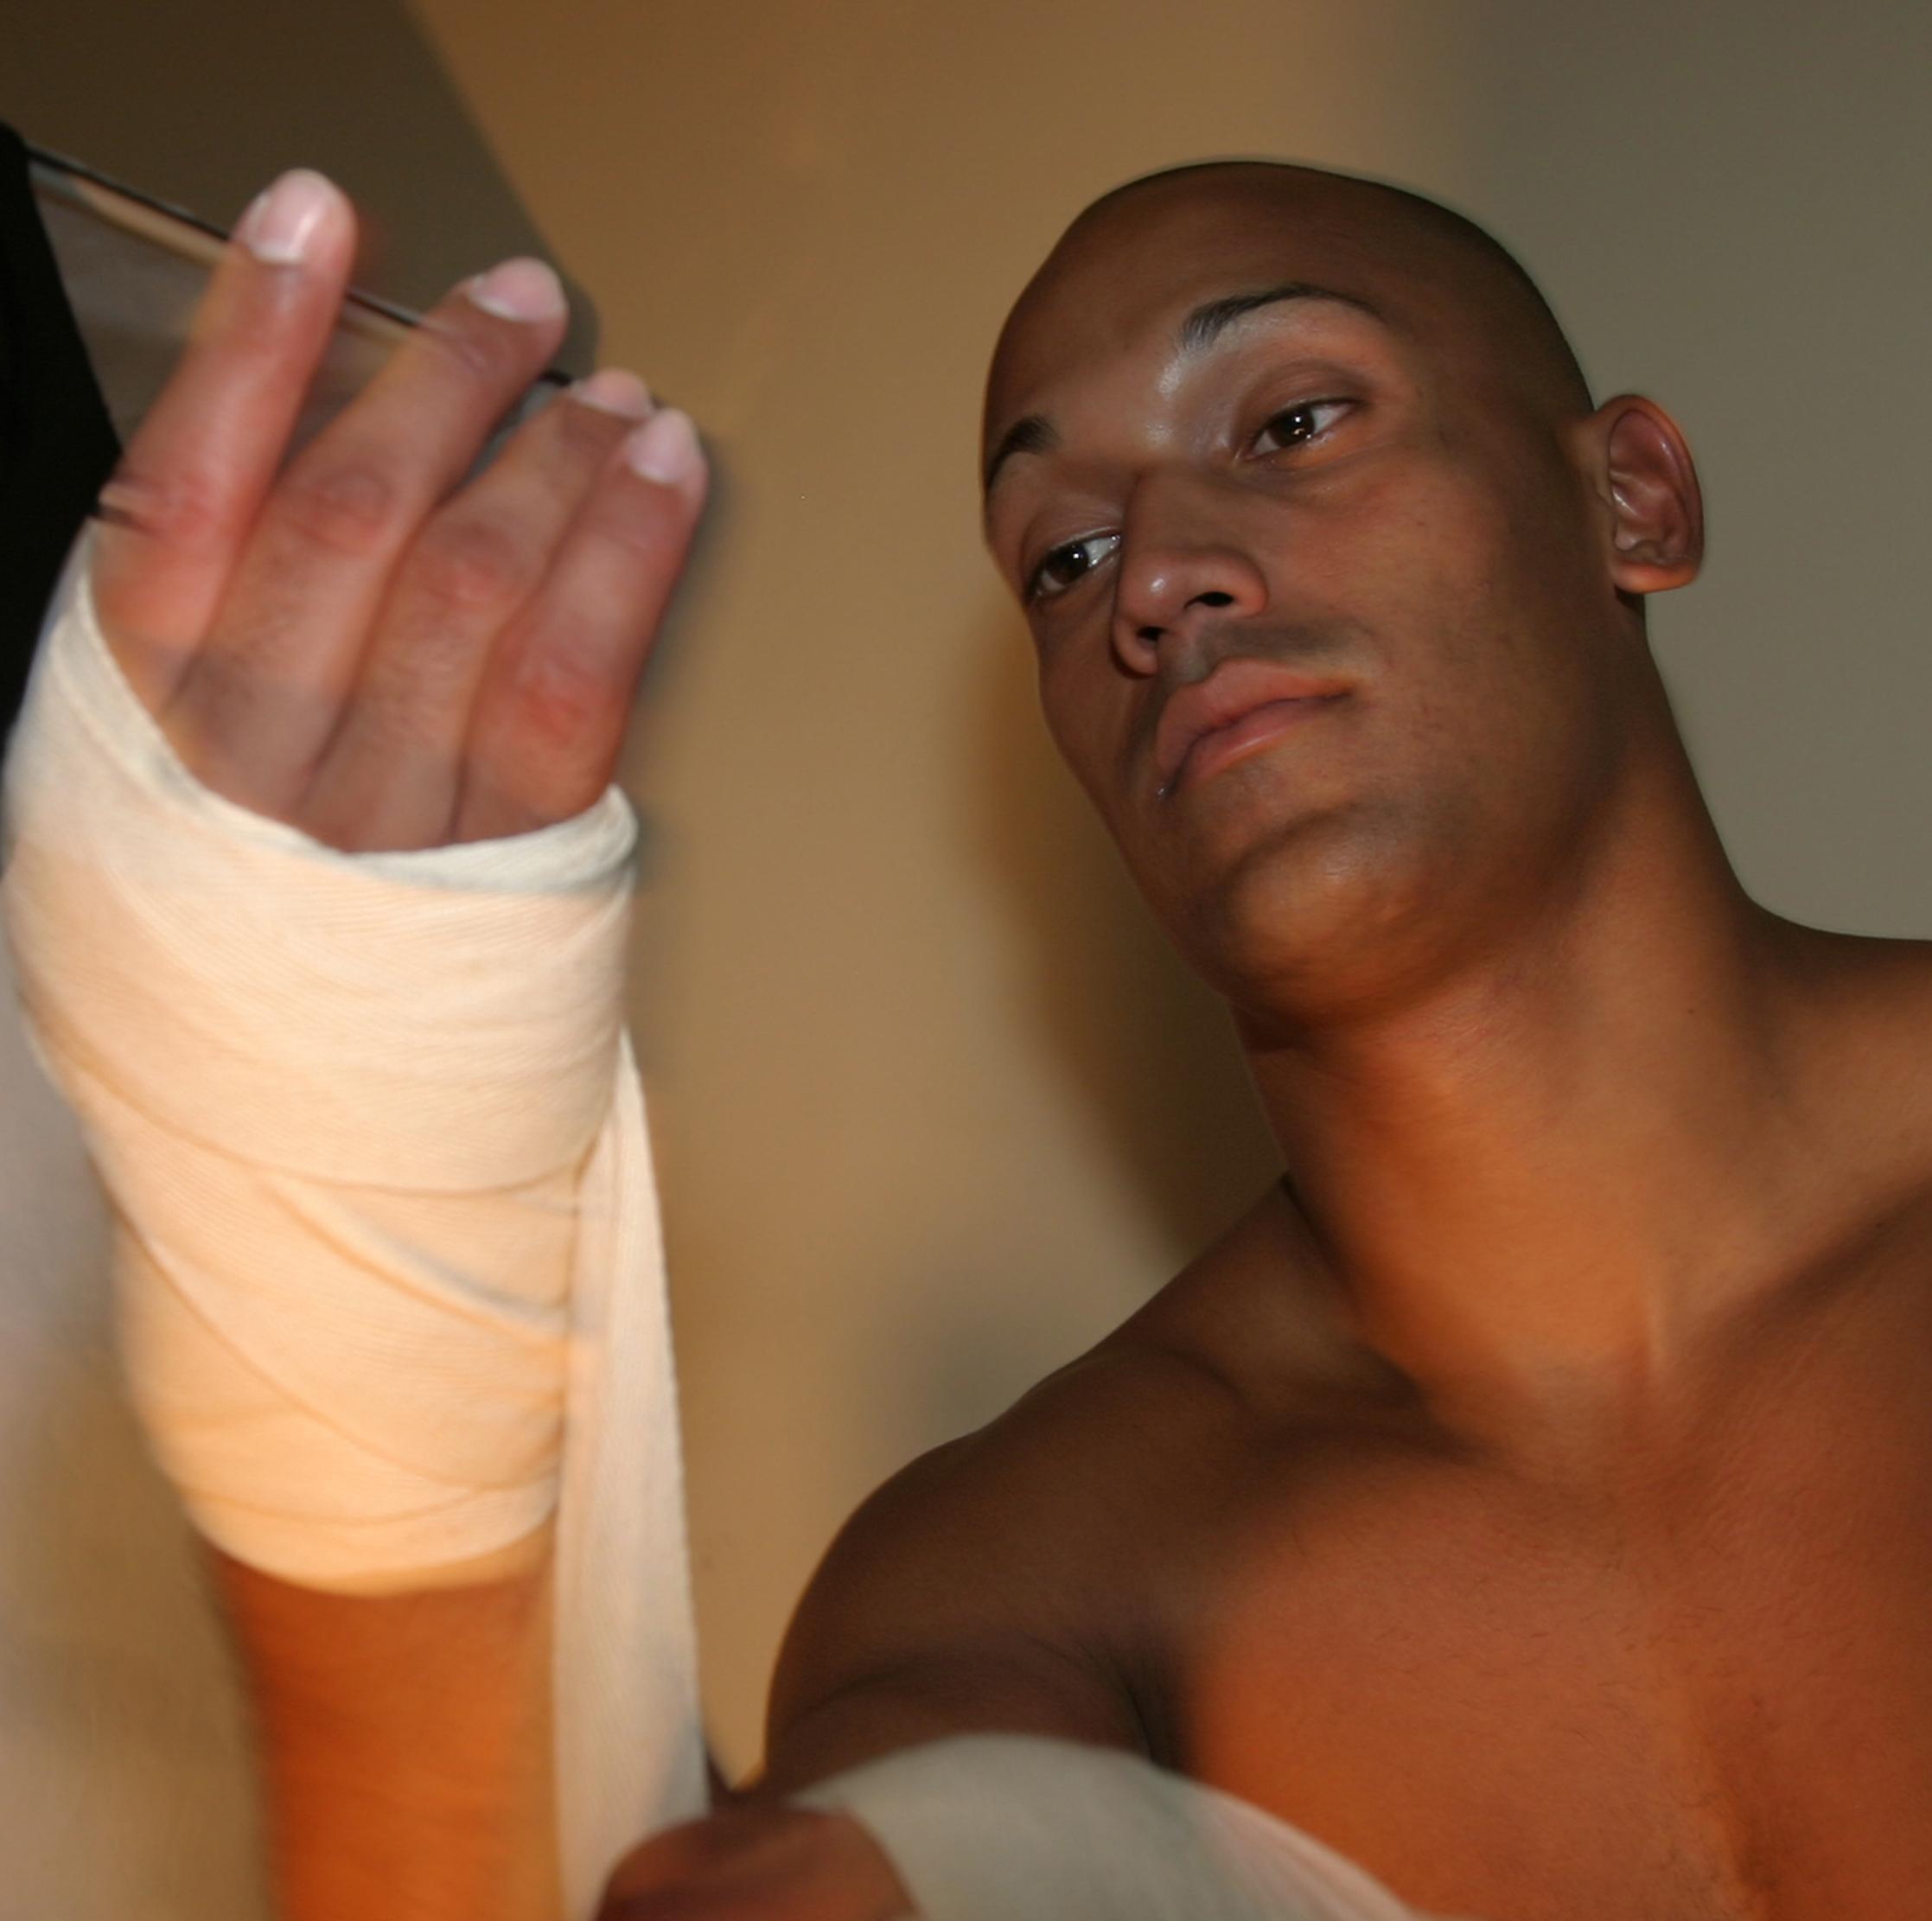 PFG Gel Inner Gloves Wrist Hand Wraps Padded Foam MMA Boxing Muay Thai Bandages